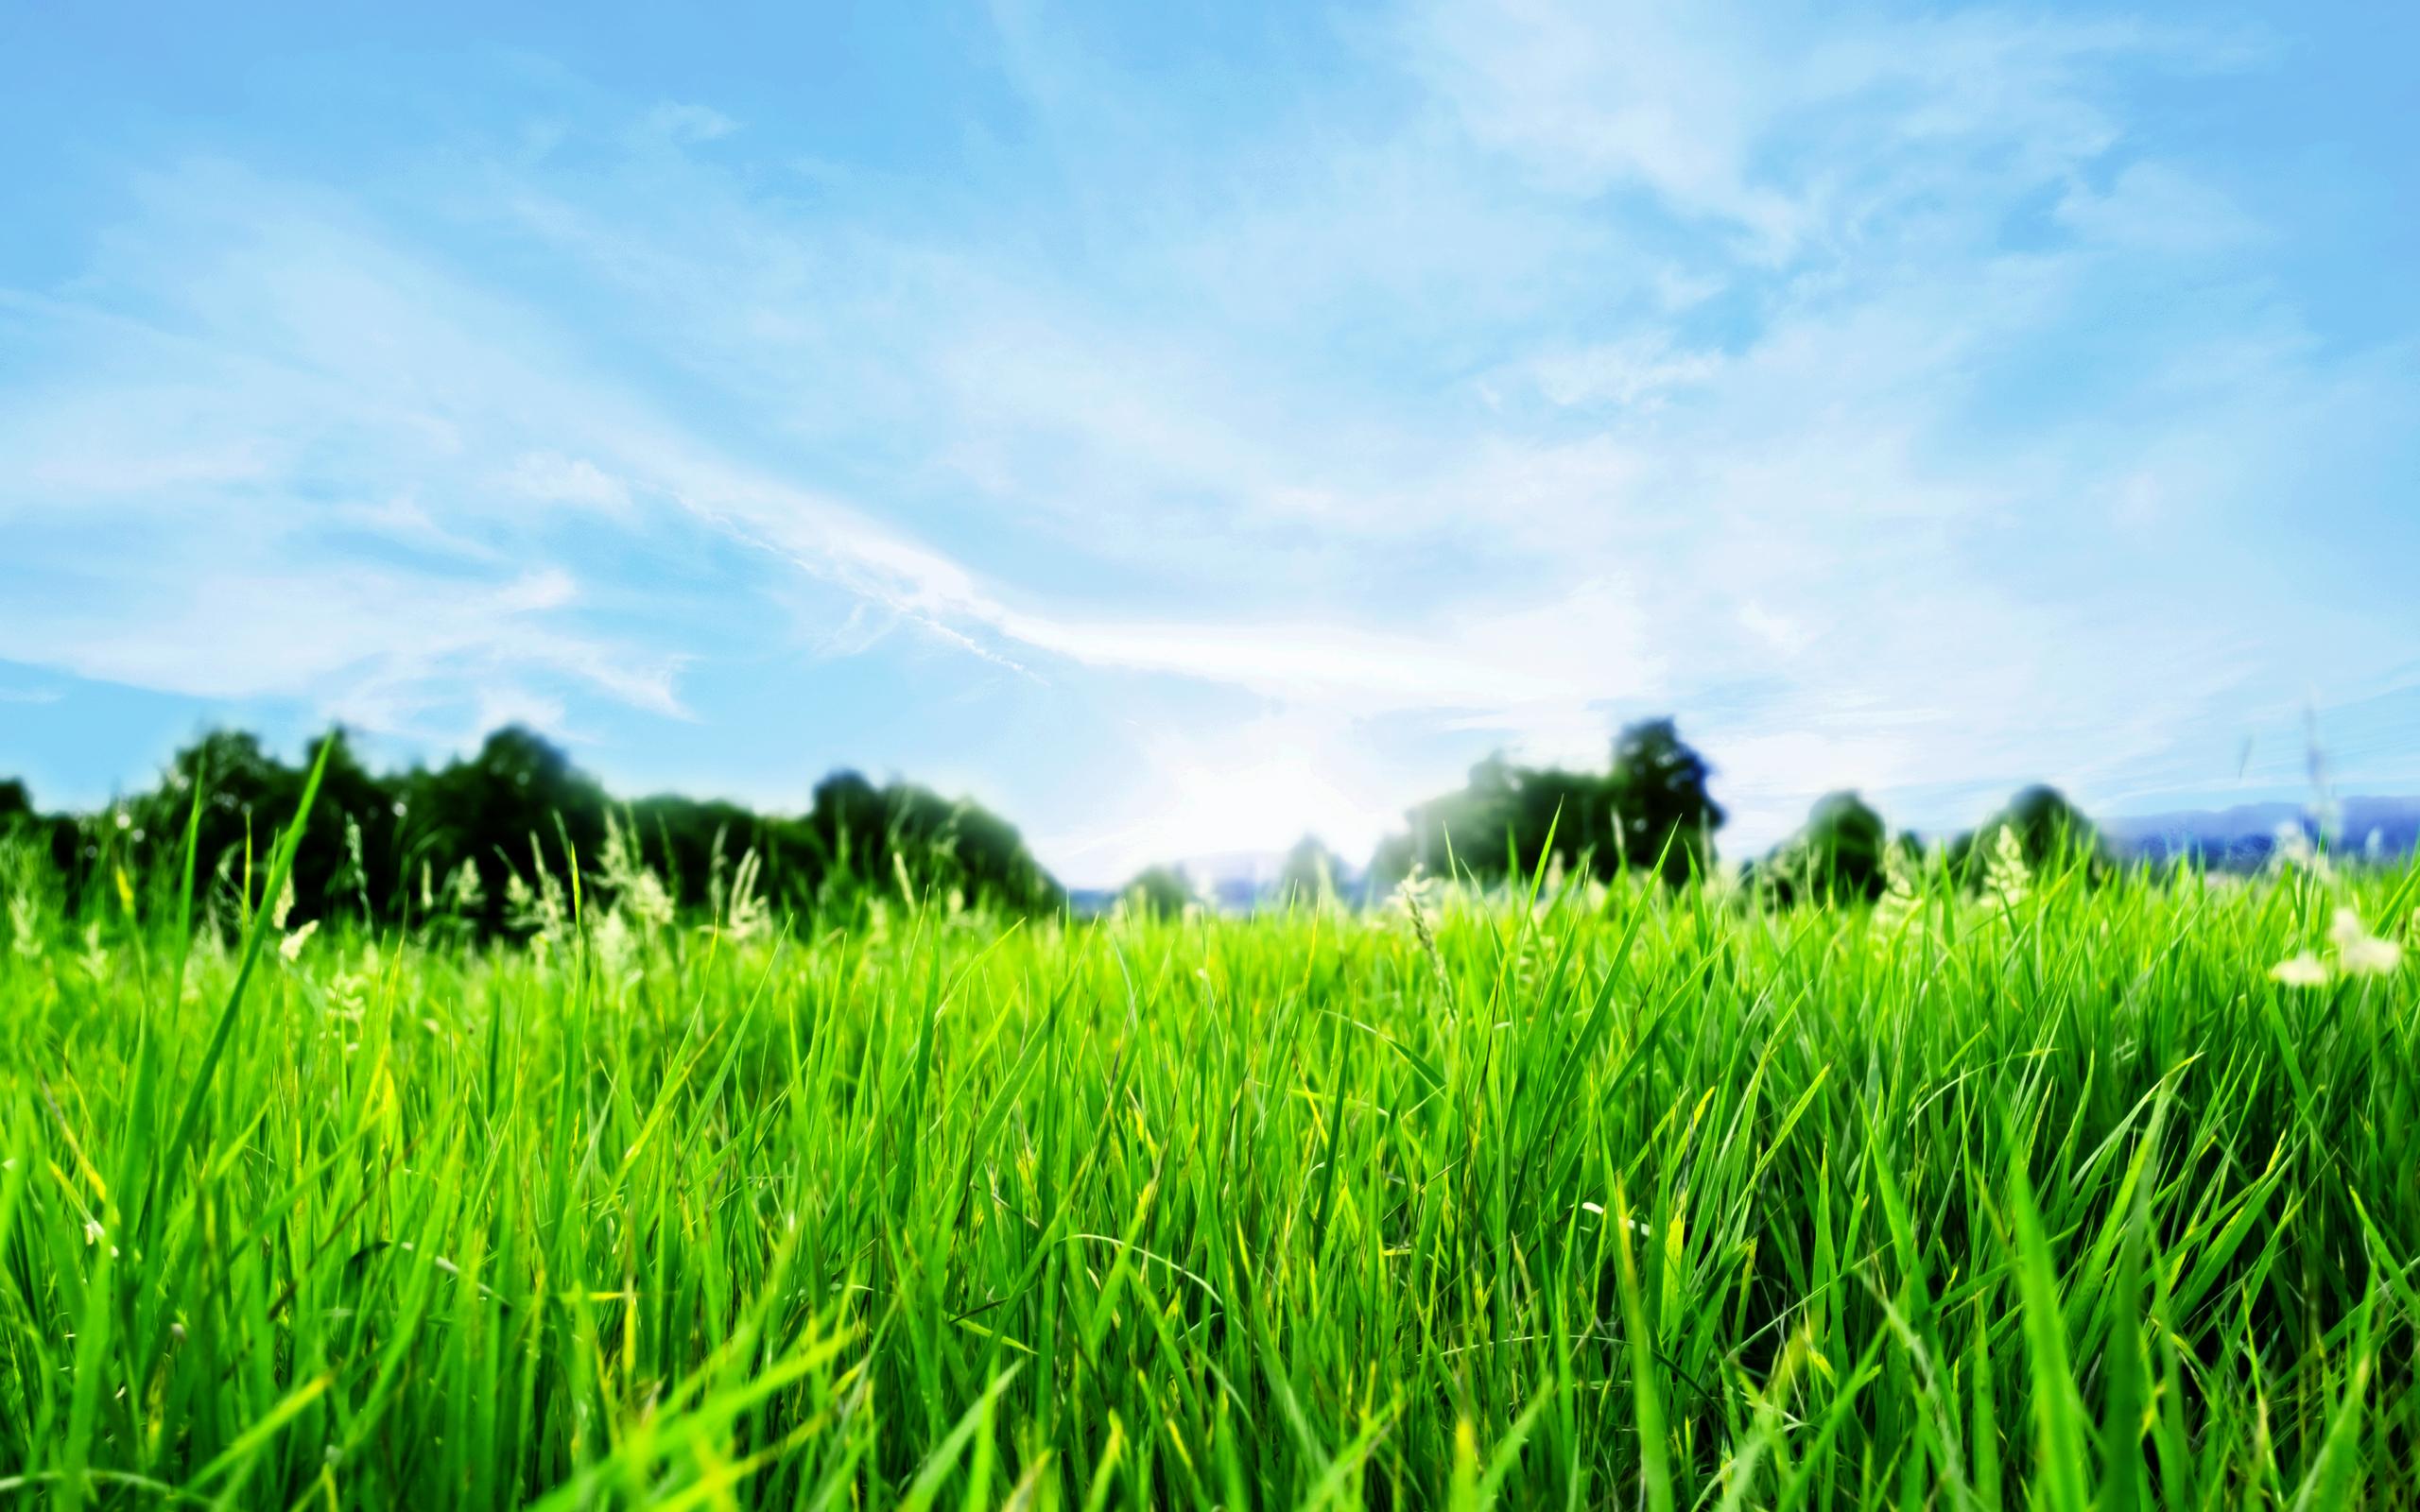 Grass Full Hd Nature Green Blue Grass Desktop Background